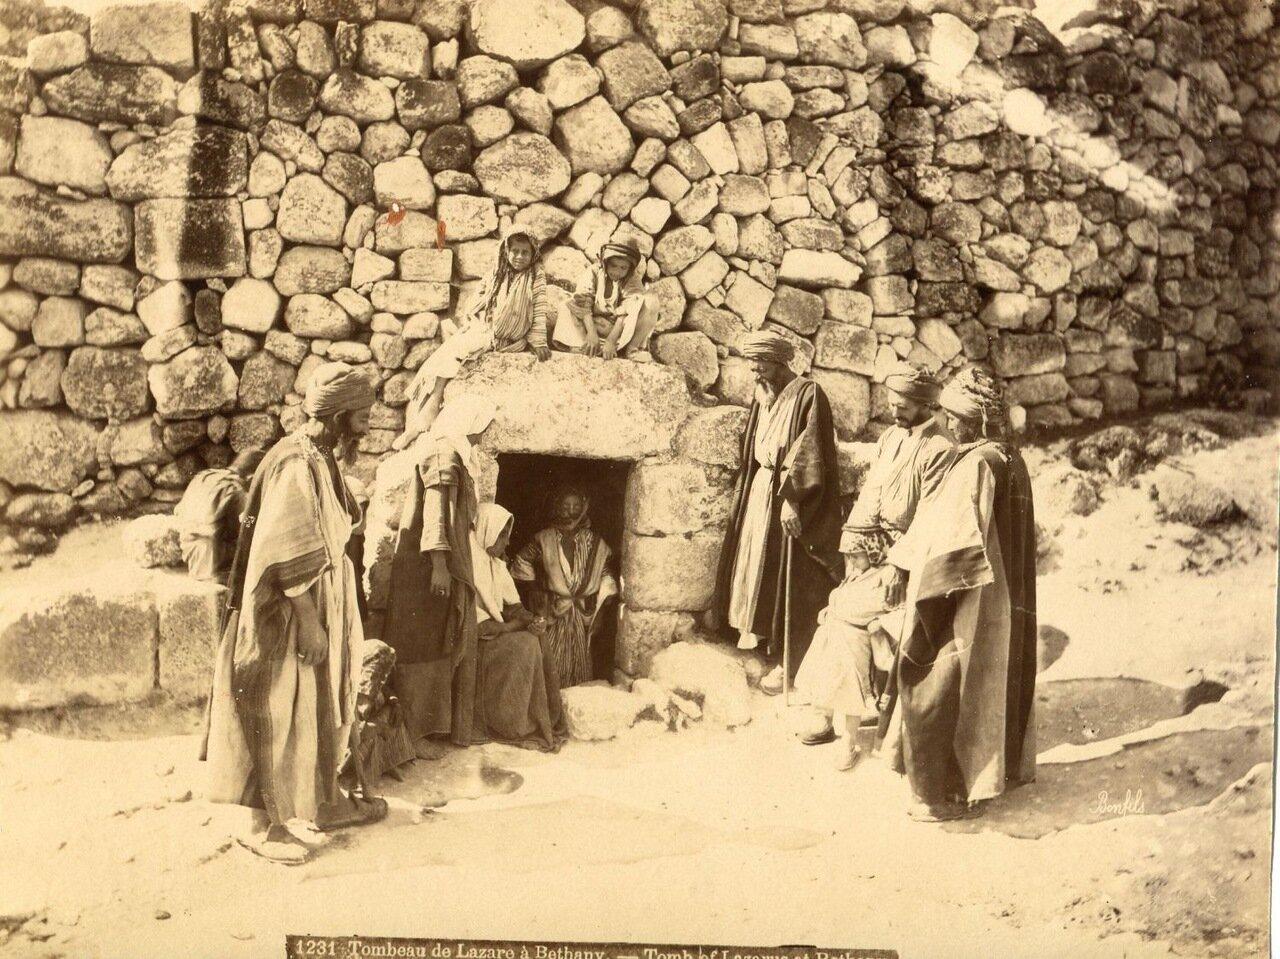 У гробницы Лазаря в Вифании